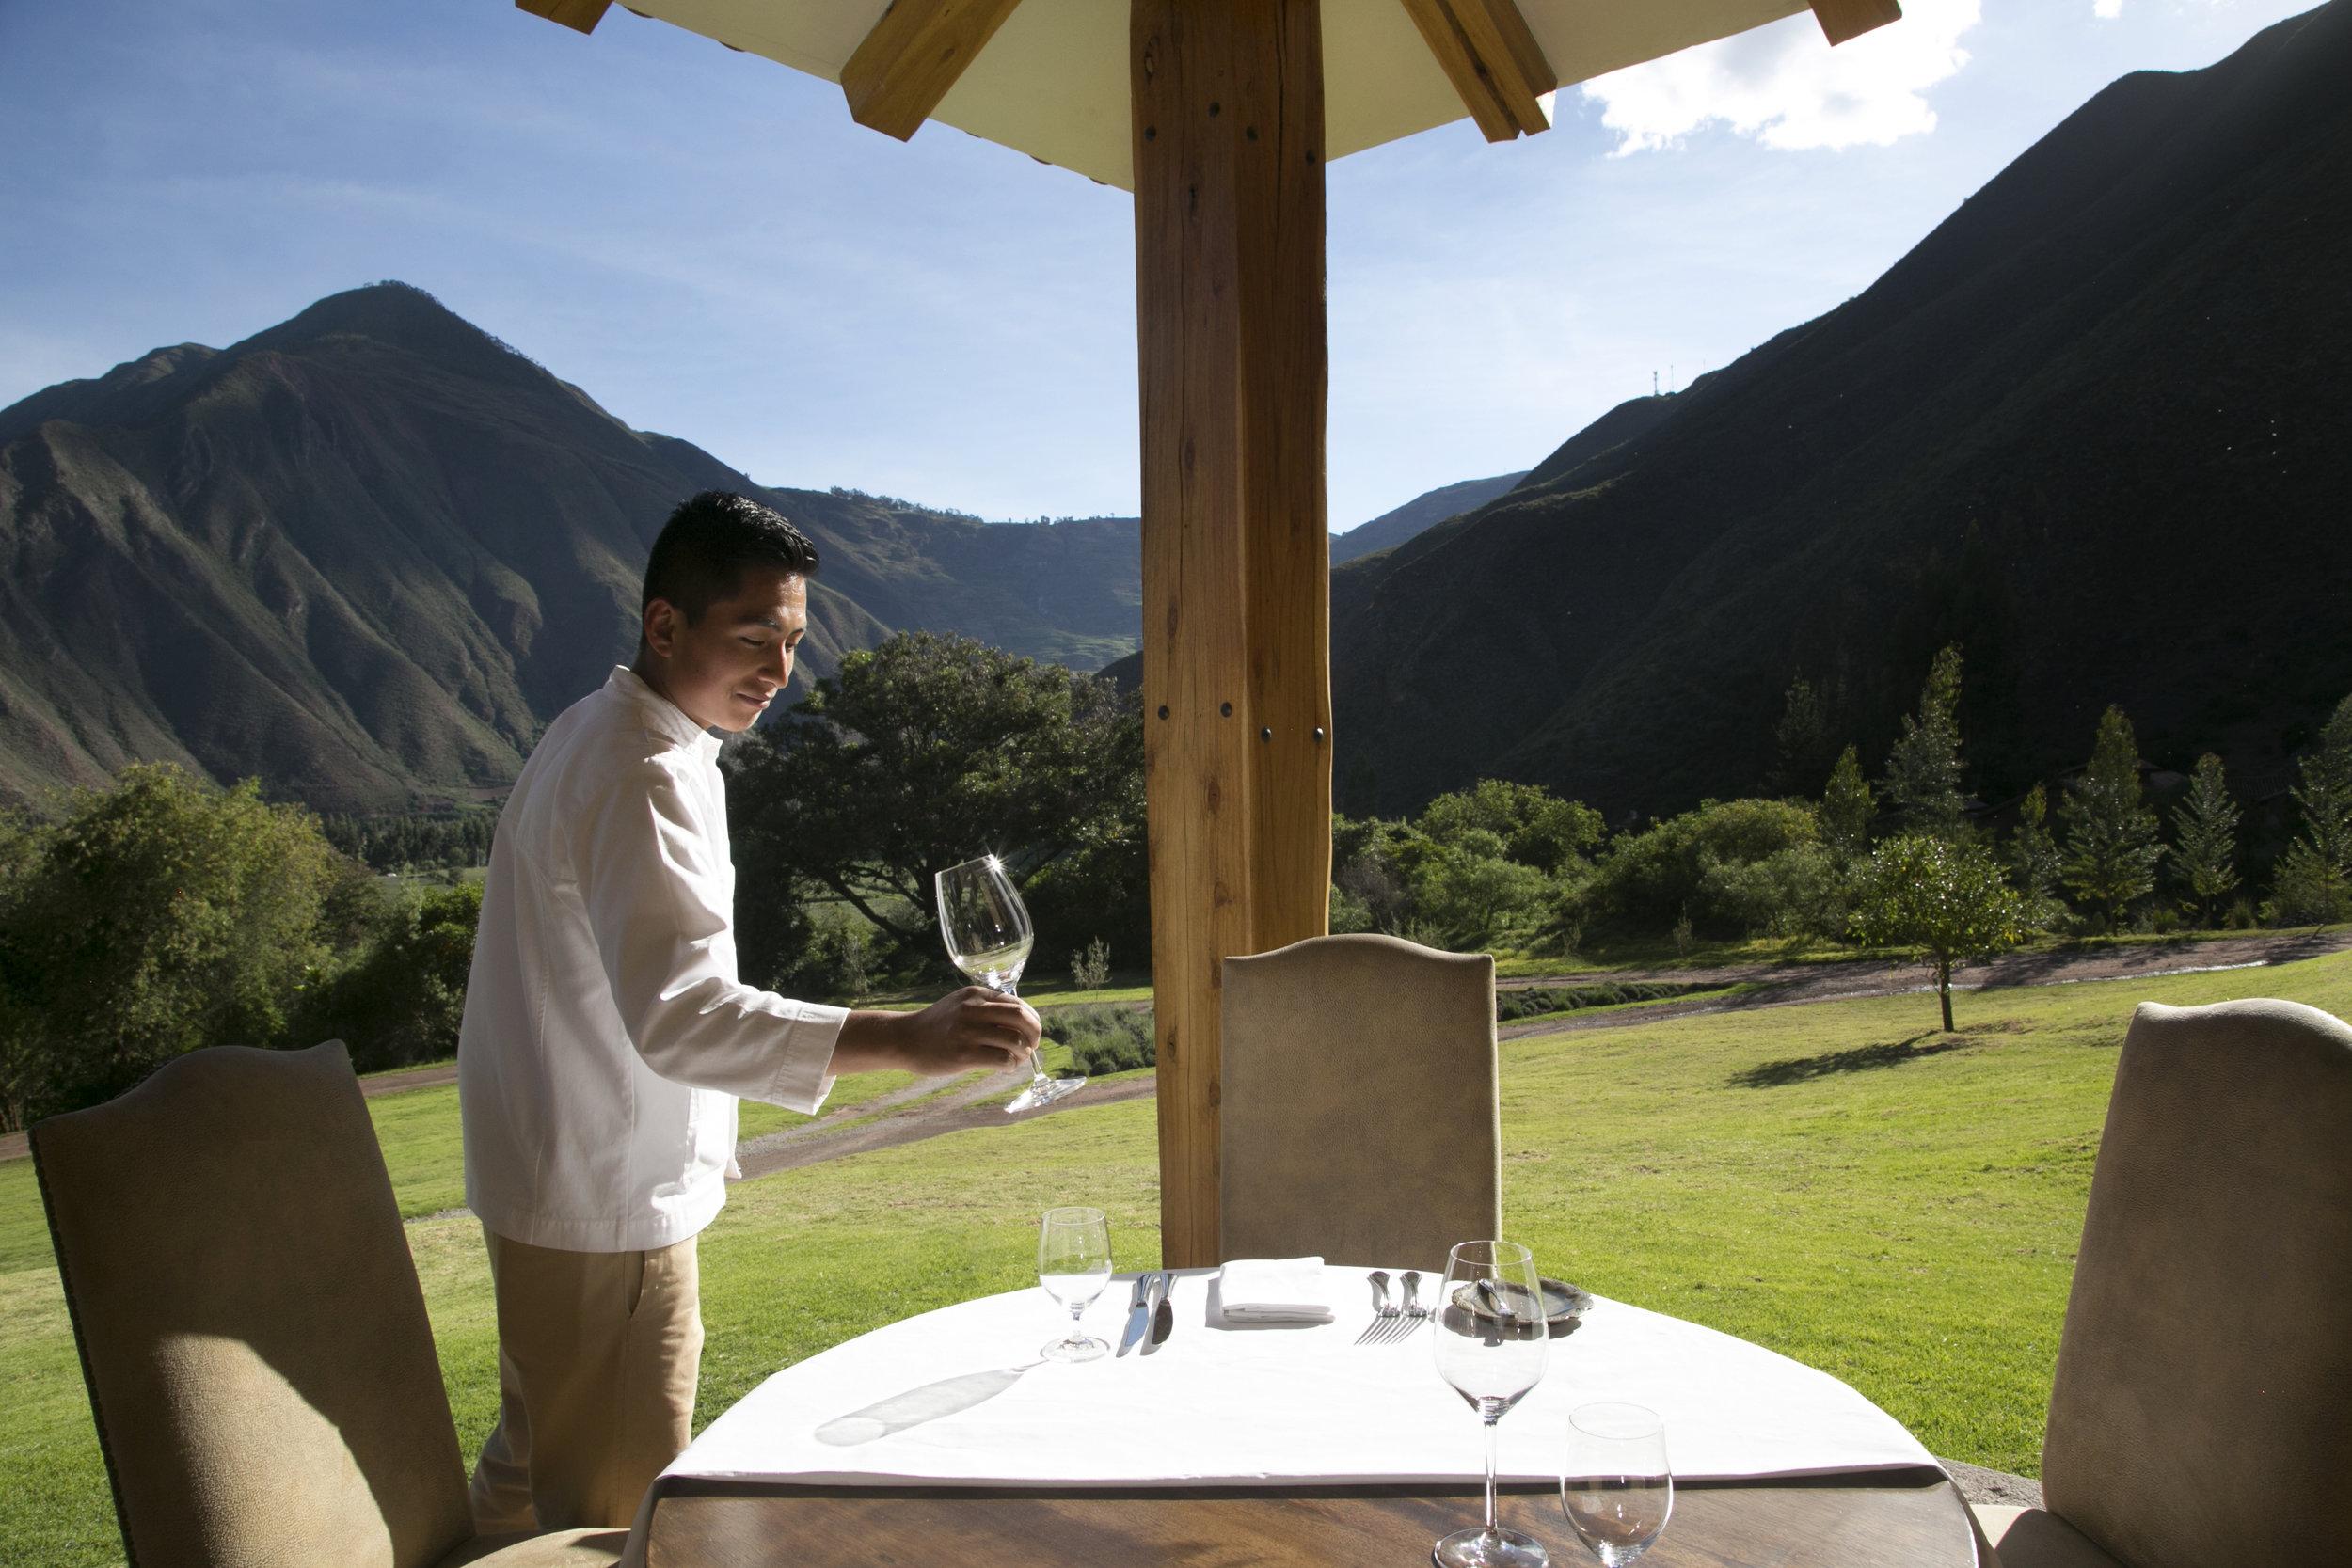 A waiter sets the table at Inkaterra's Hacienda Urubamba.